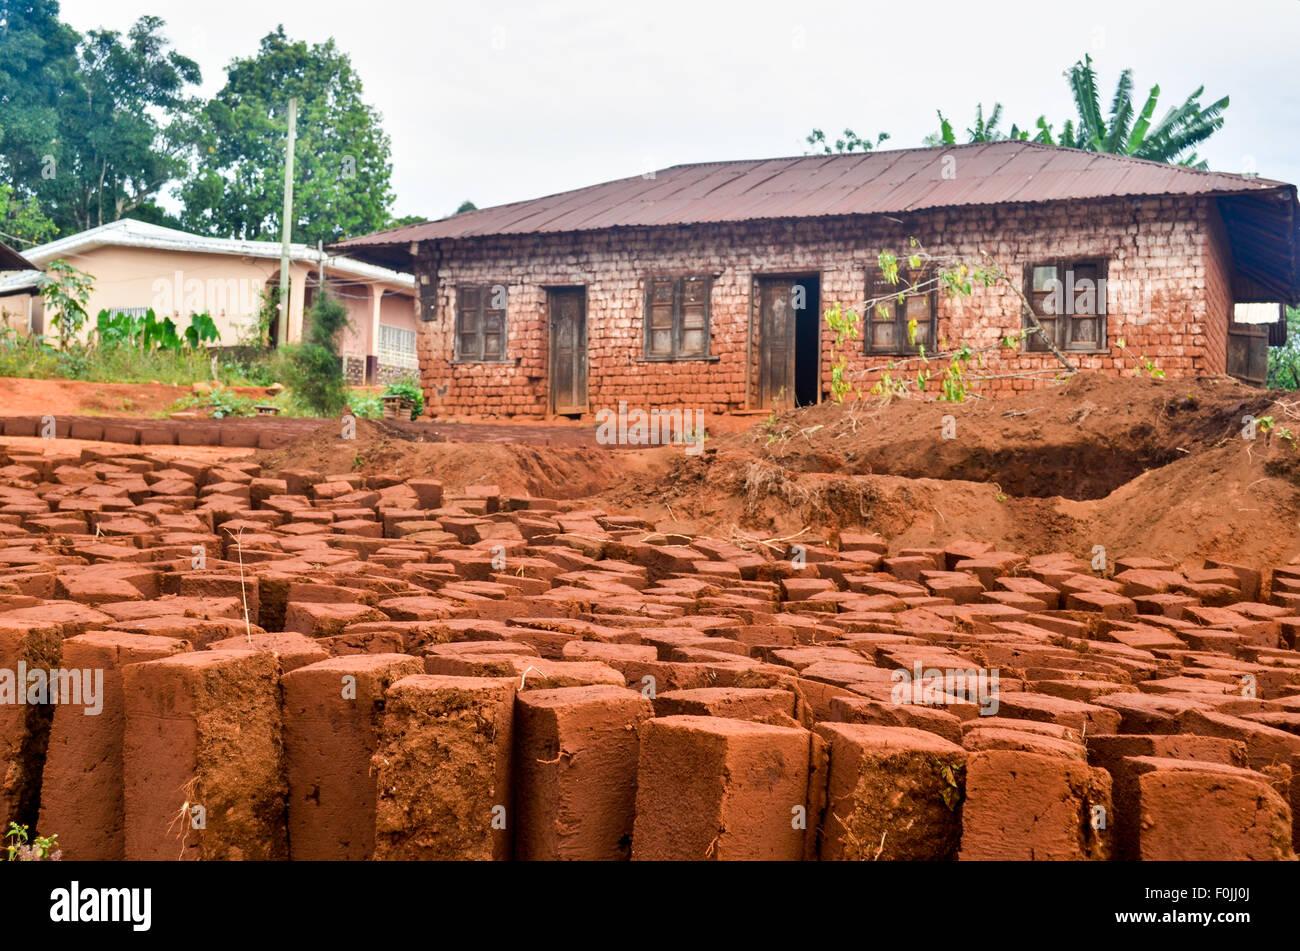 Case Di Mattoni Di Fango : Mattoni di fango essiccazione per costruire case in camerun foto